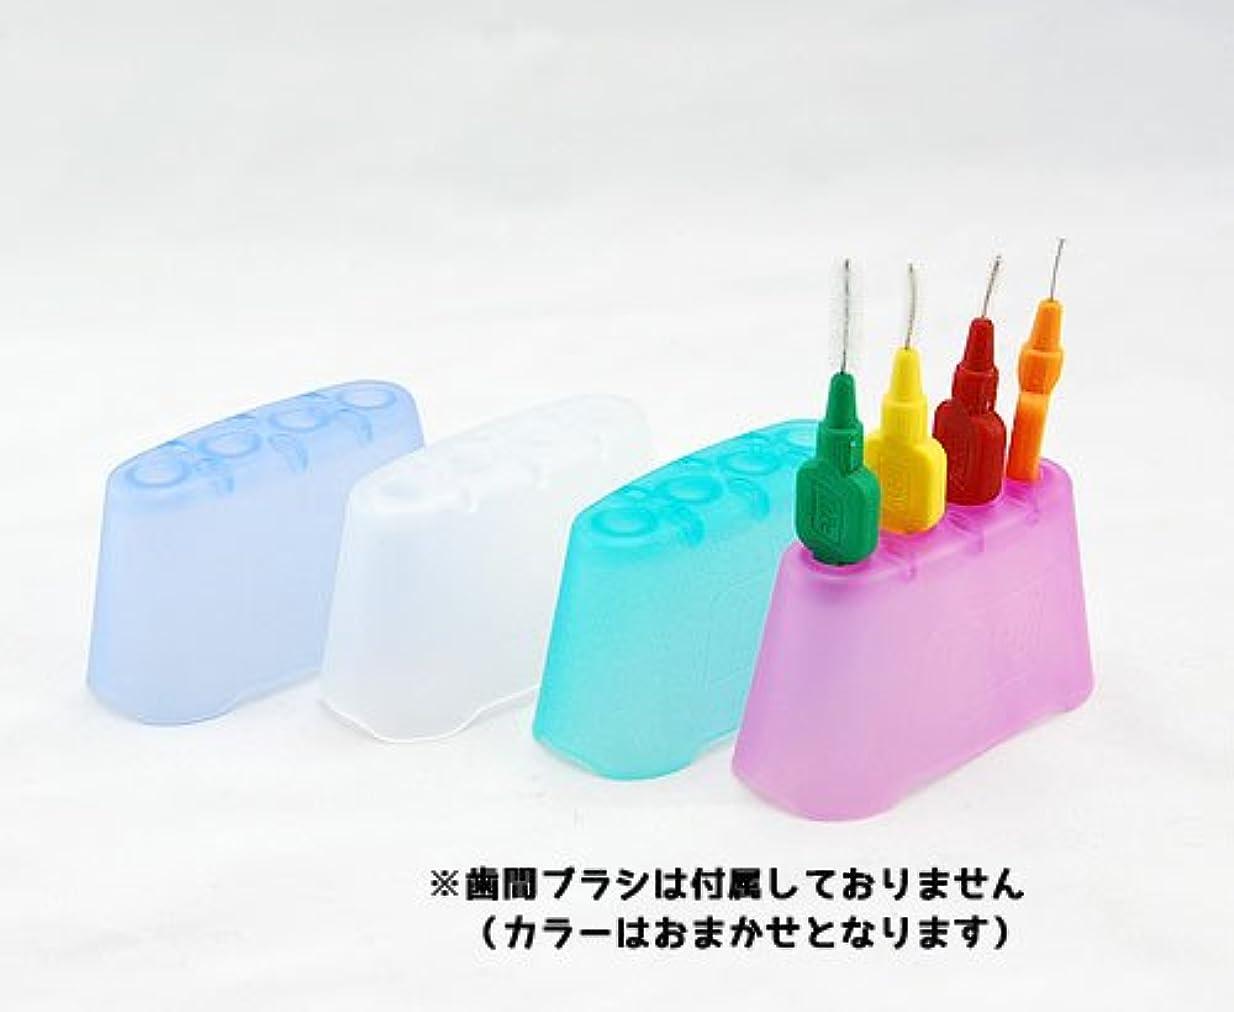 コードに付けるシーサイドクロスフィールド テペ洗面台用マイクロスタンド(カラーはおまかせ)